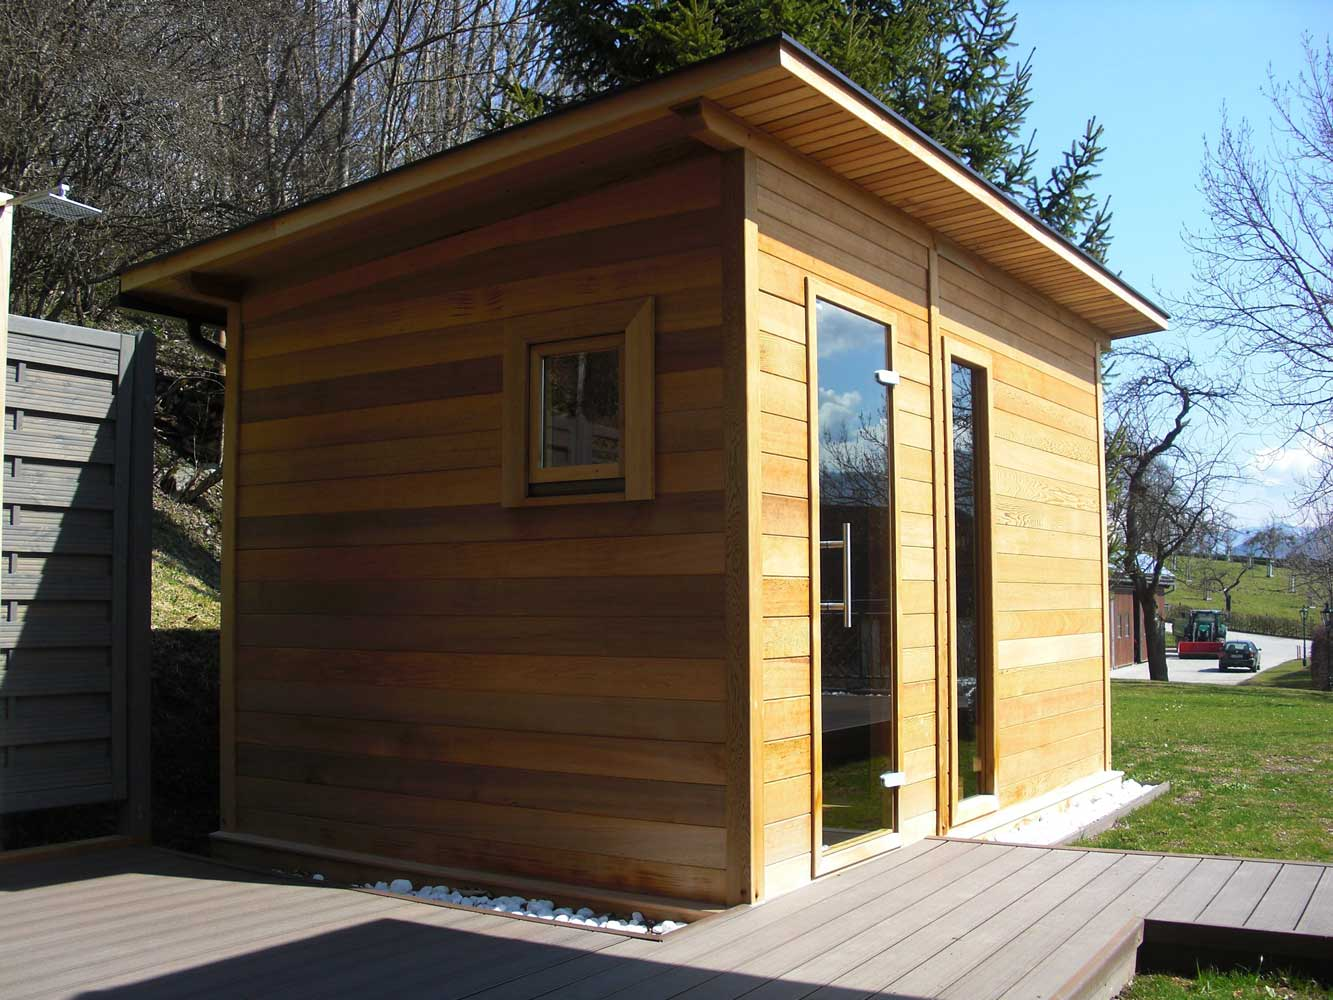 Full Size of Garten Sauna Aussensauna Deisl Gesundes Vertrauen In Holz Fußballtore überdachung Gaskamin Loungemöbel Lounge Möbel Schwimmbecken Bewässerungssysteme Test Garten Garten Sauna